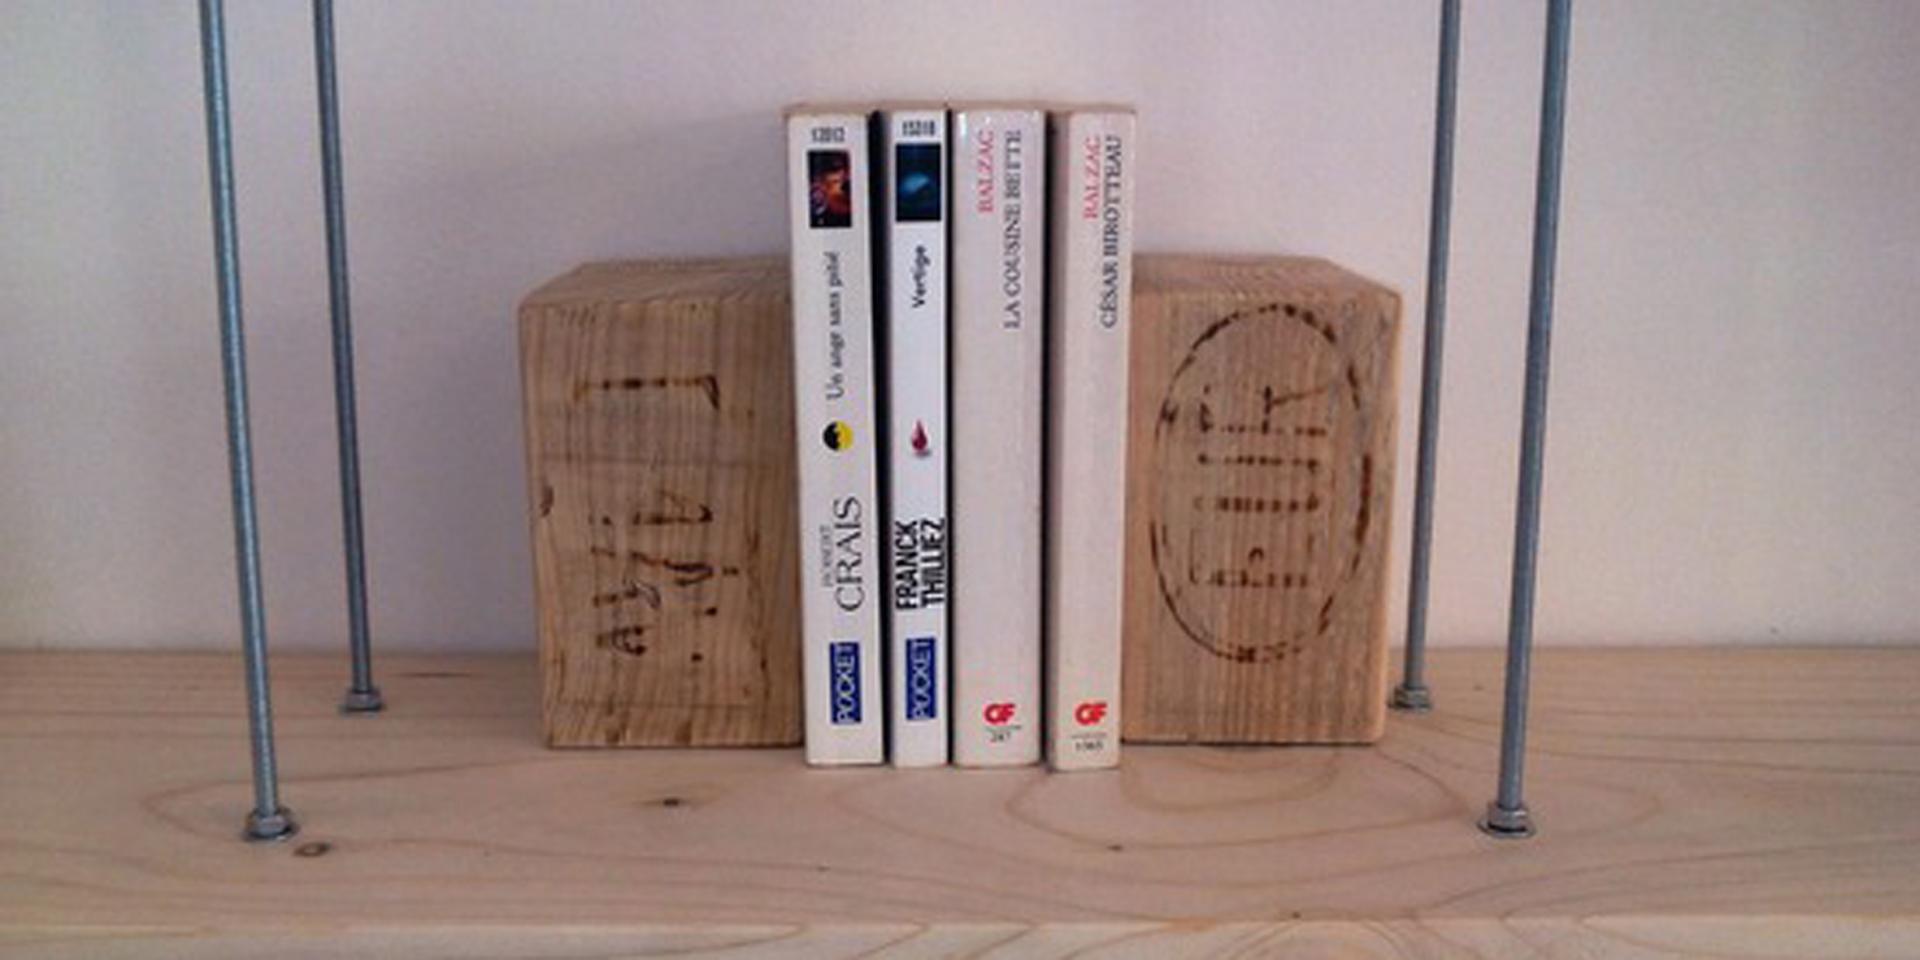 Accessoires de maison serre livres en bois clair paire 17631926 img 20151001 16c3f3 82aa0 570x0